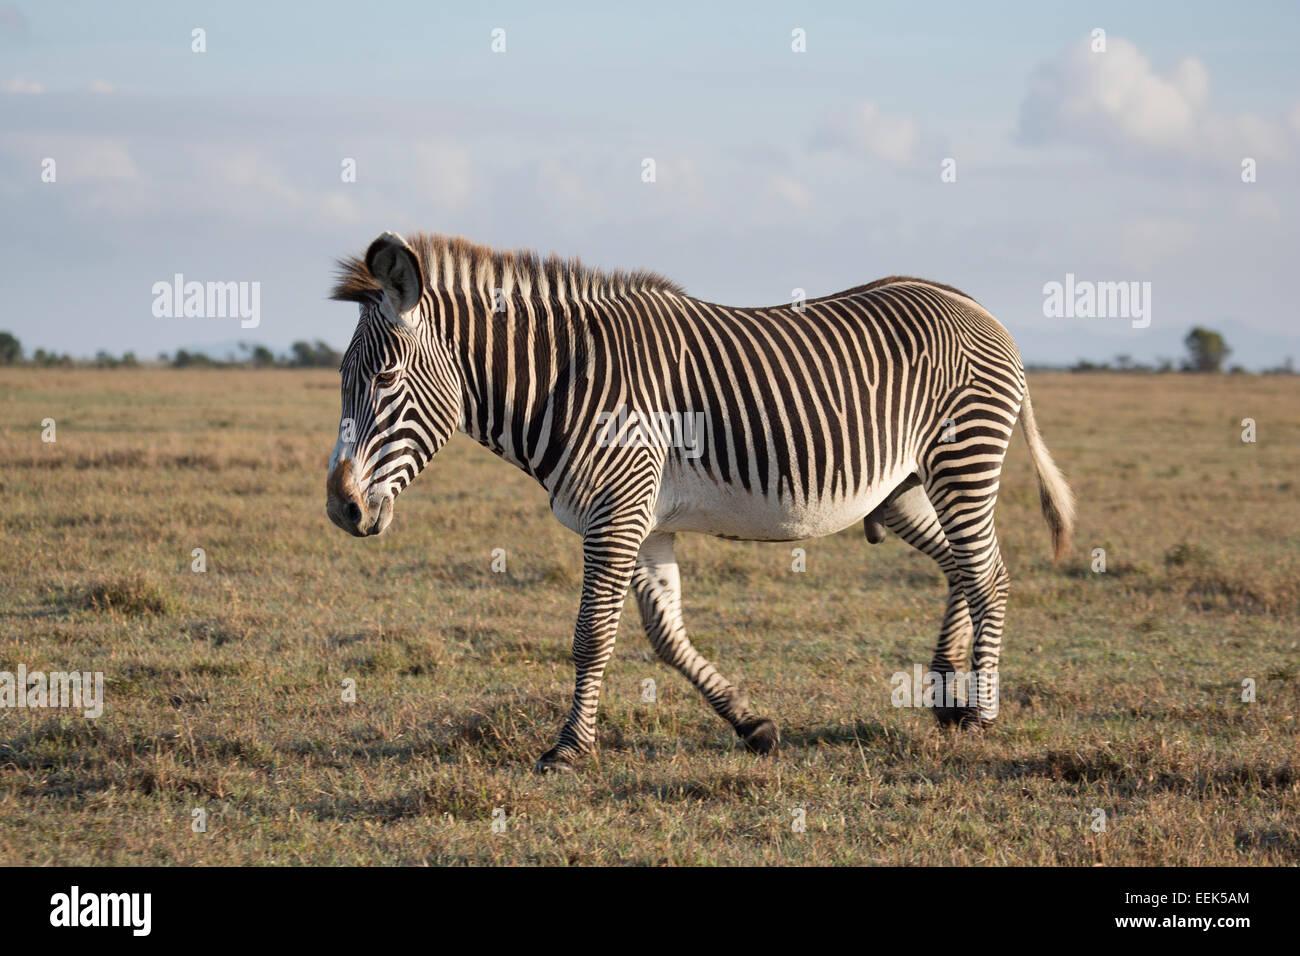 Lone Grevy's Zebra stallion (Equus grevyi) walking across a grassy plain - Stock Image